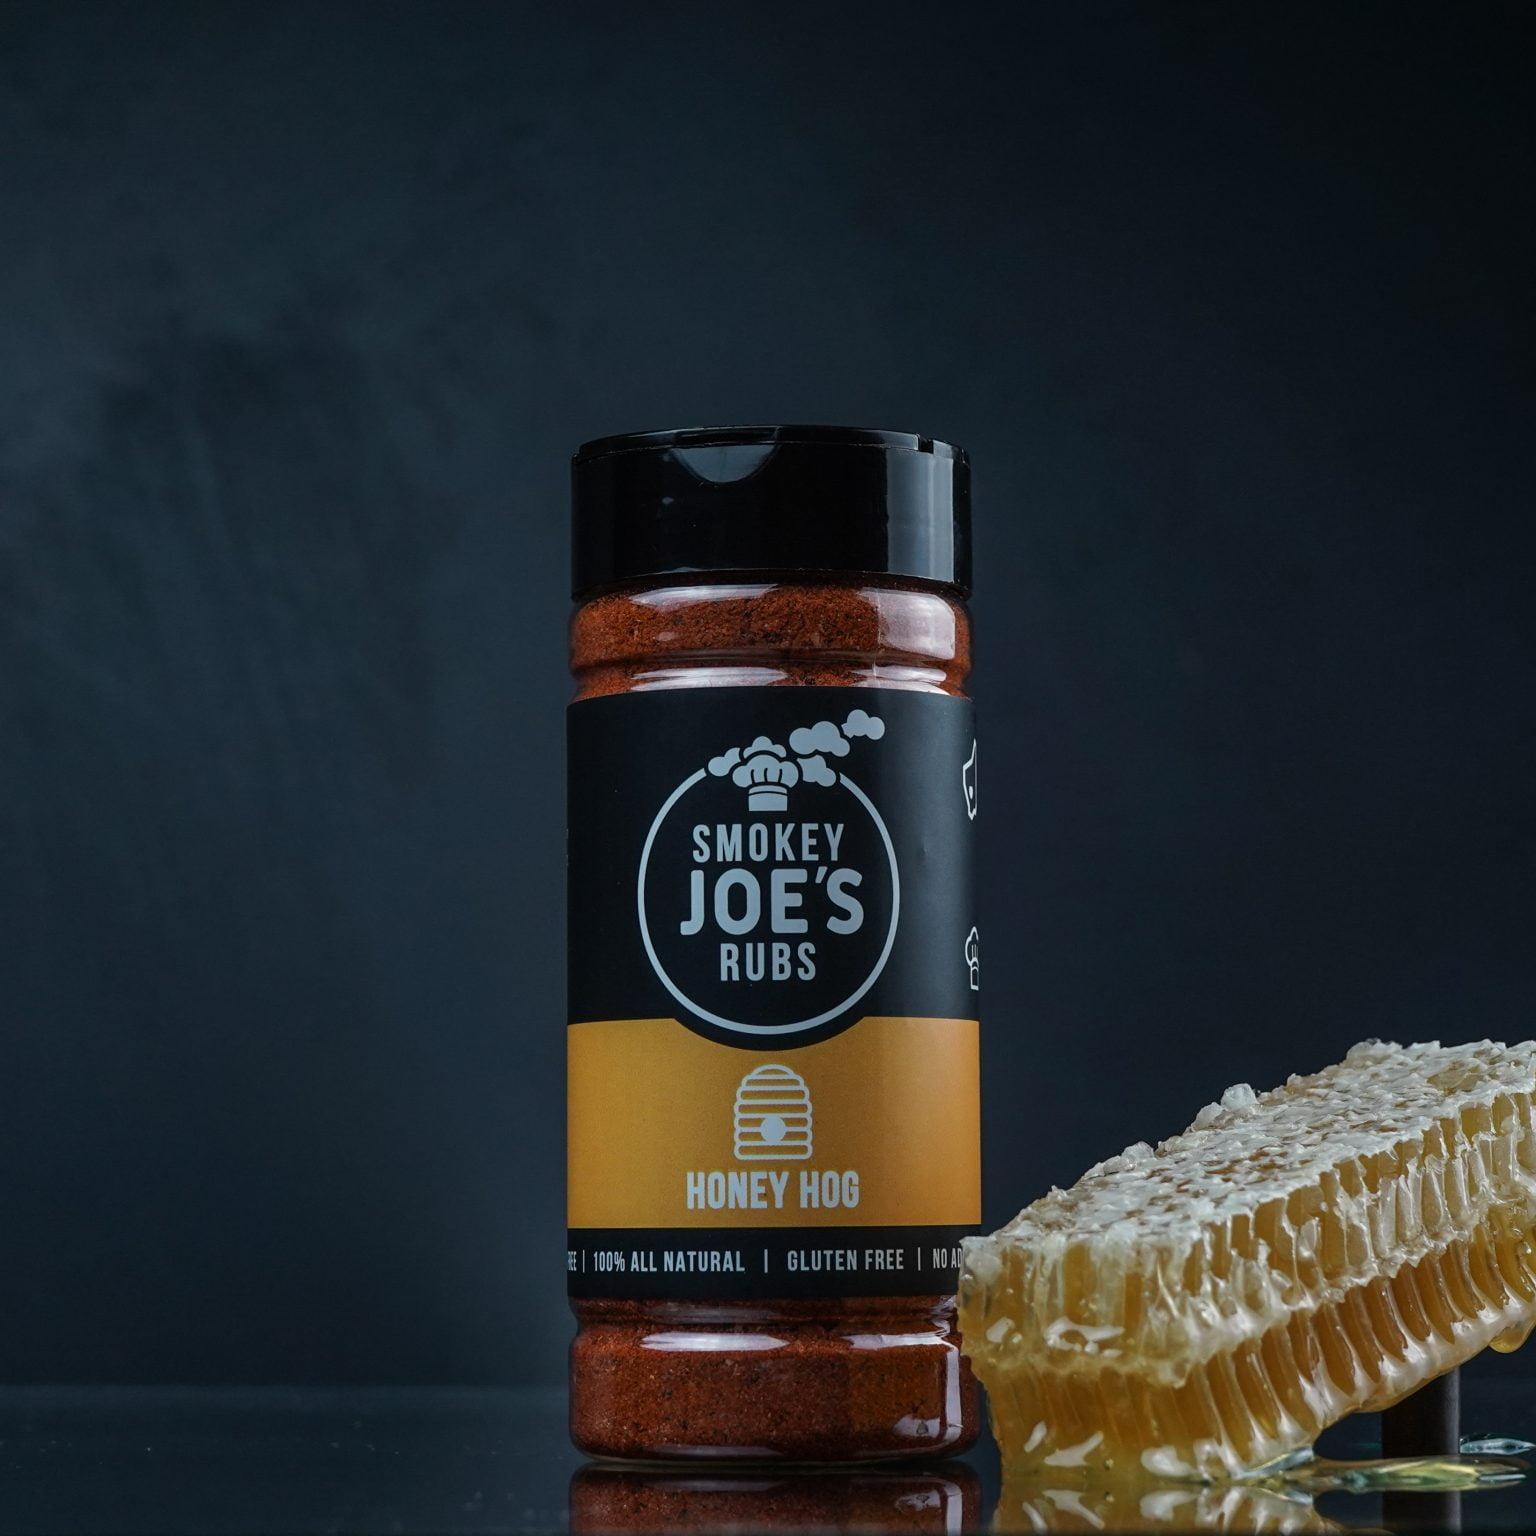 Smokey Joes Honey Hog Rub